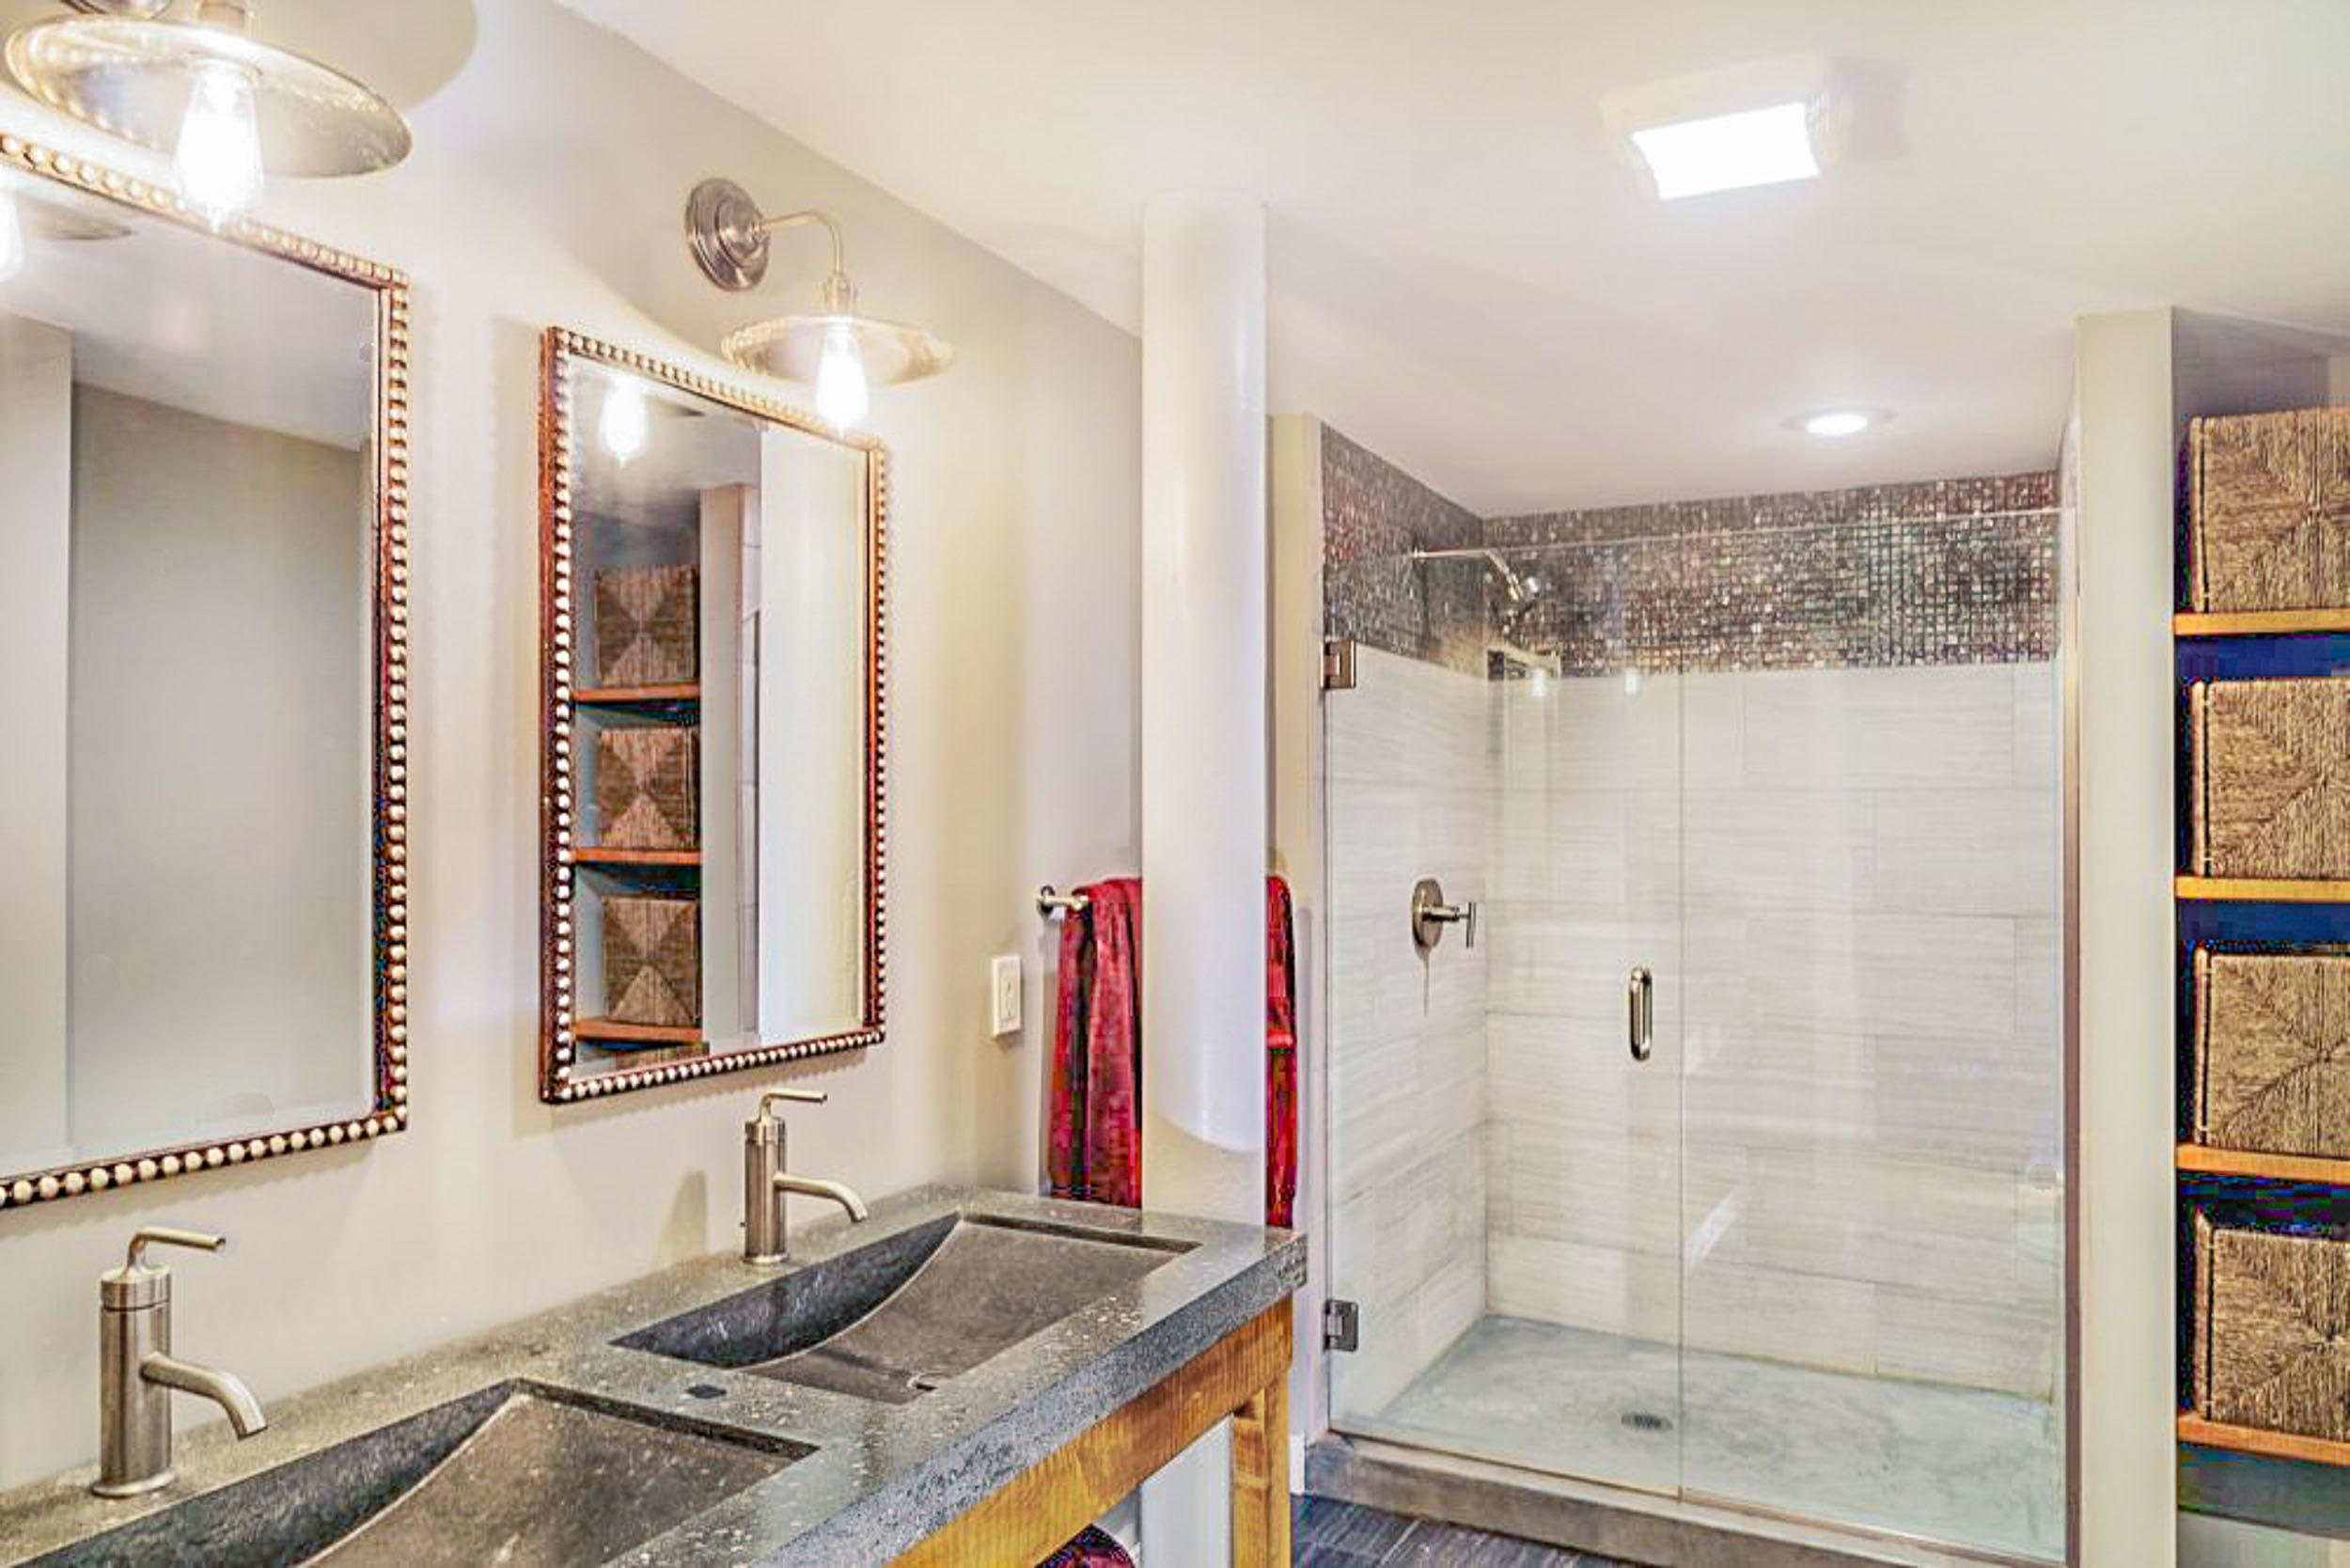 Industrial Loft Bathroom Interior Design — Debbe Daley Designs